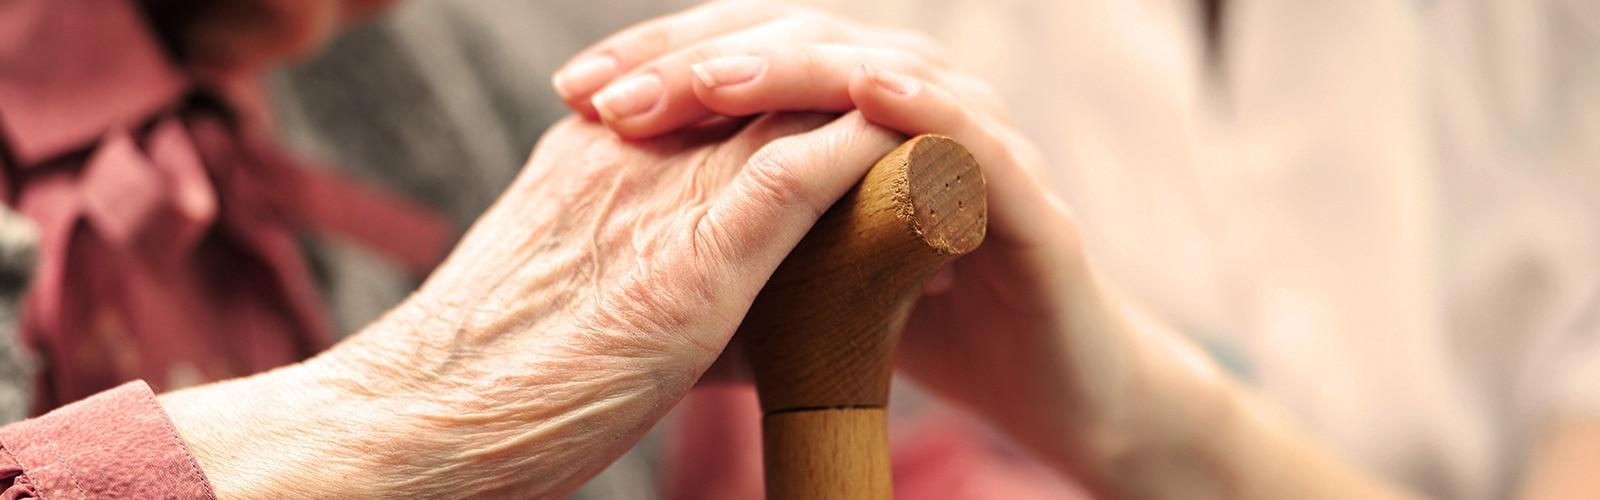 Pagyvenusi moteris, laikanti rankas su jaunesne moterimi